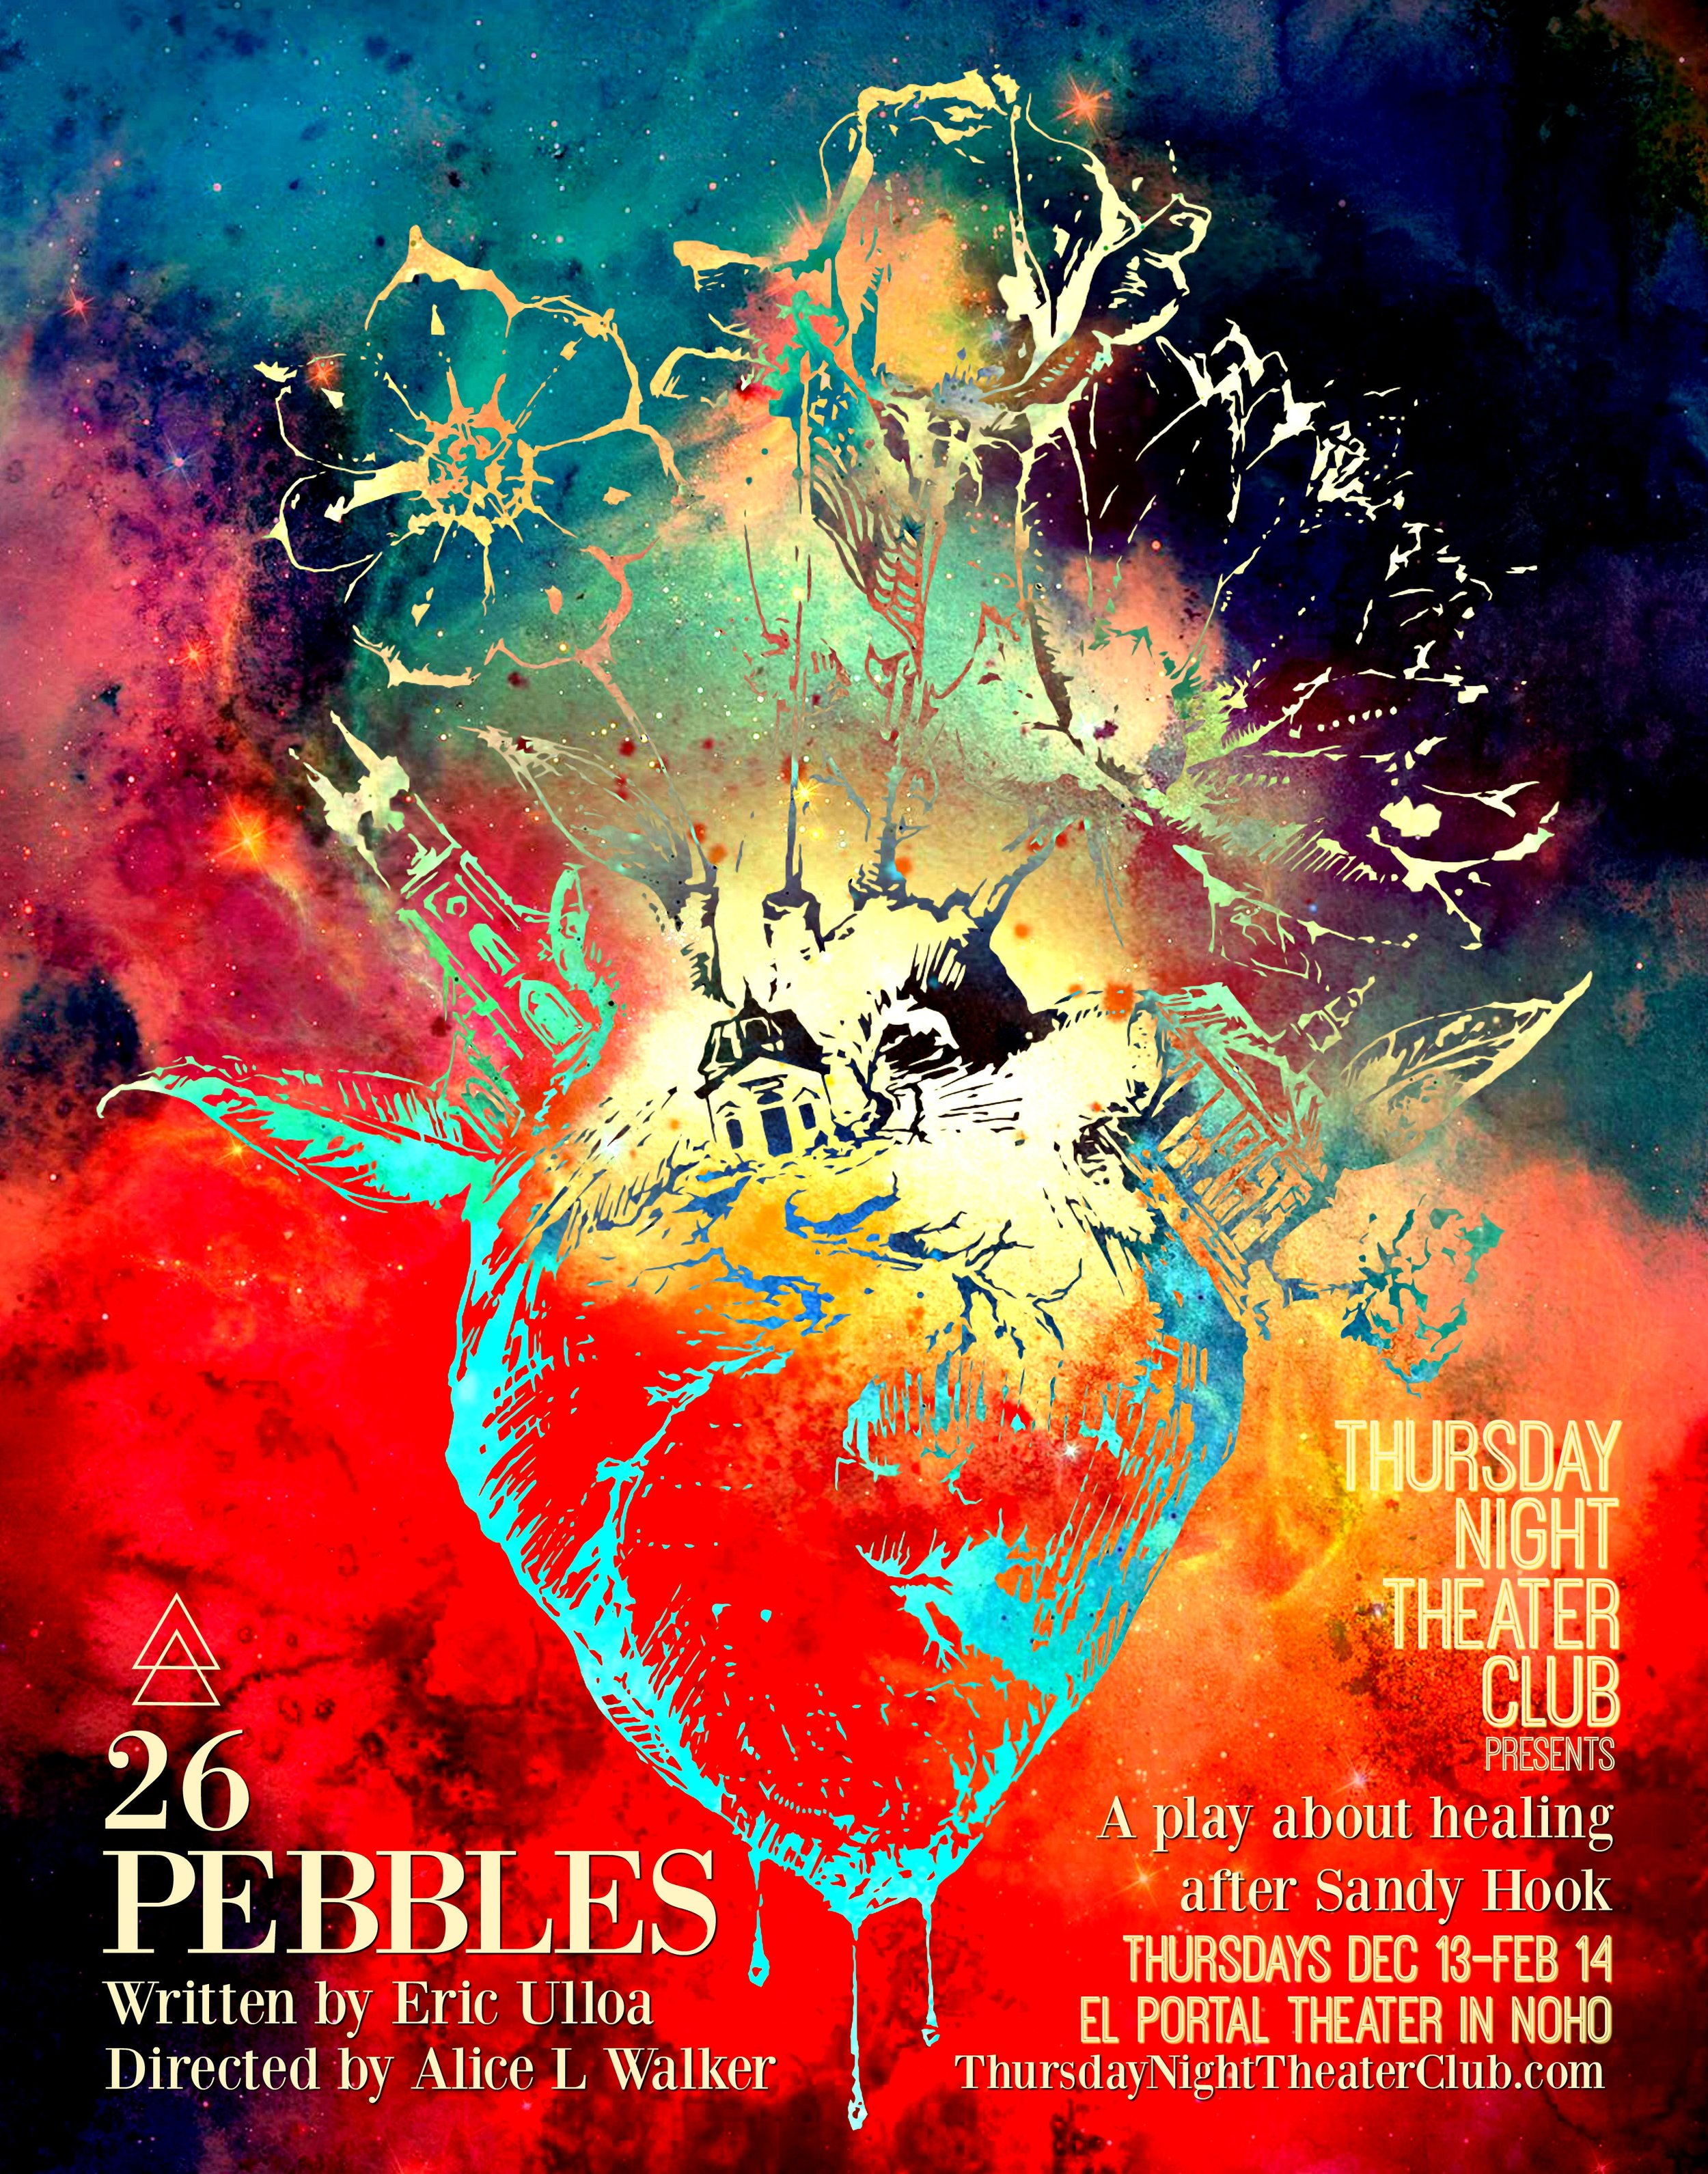 26 Pebbles Online.jpg